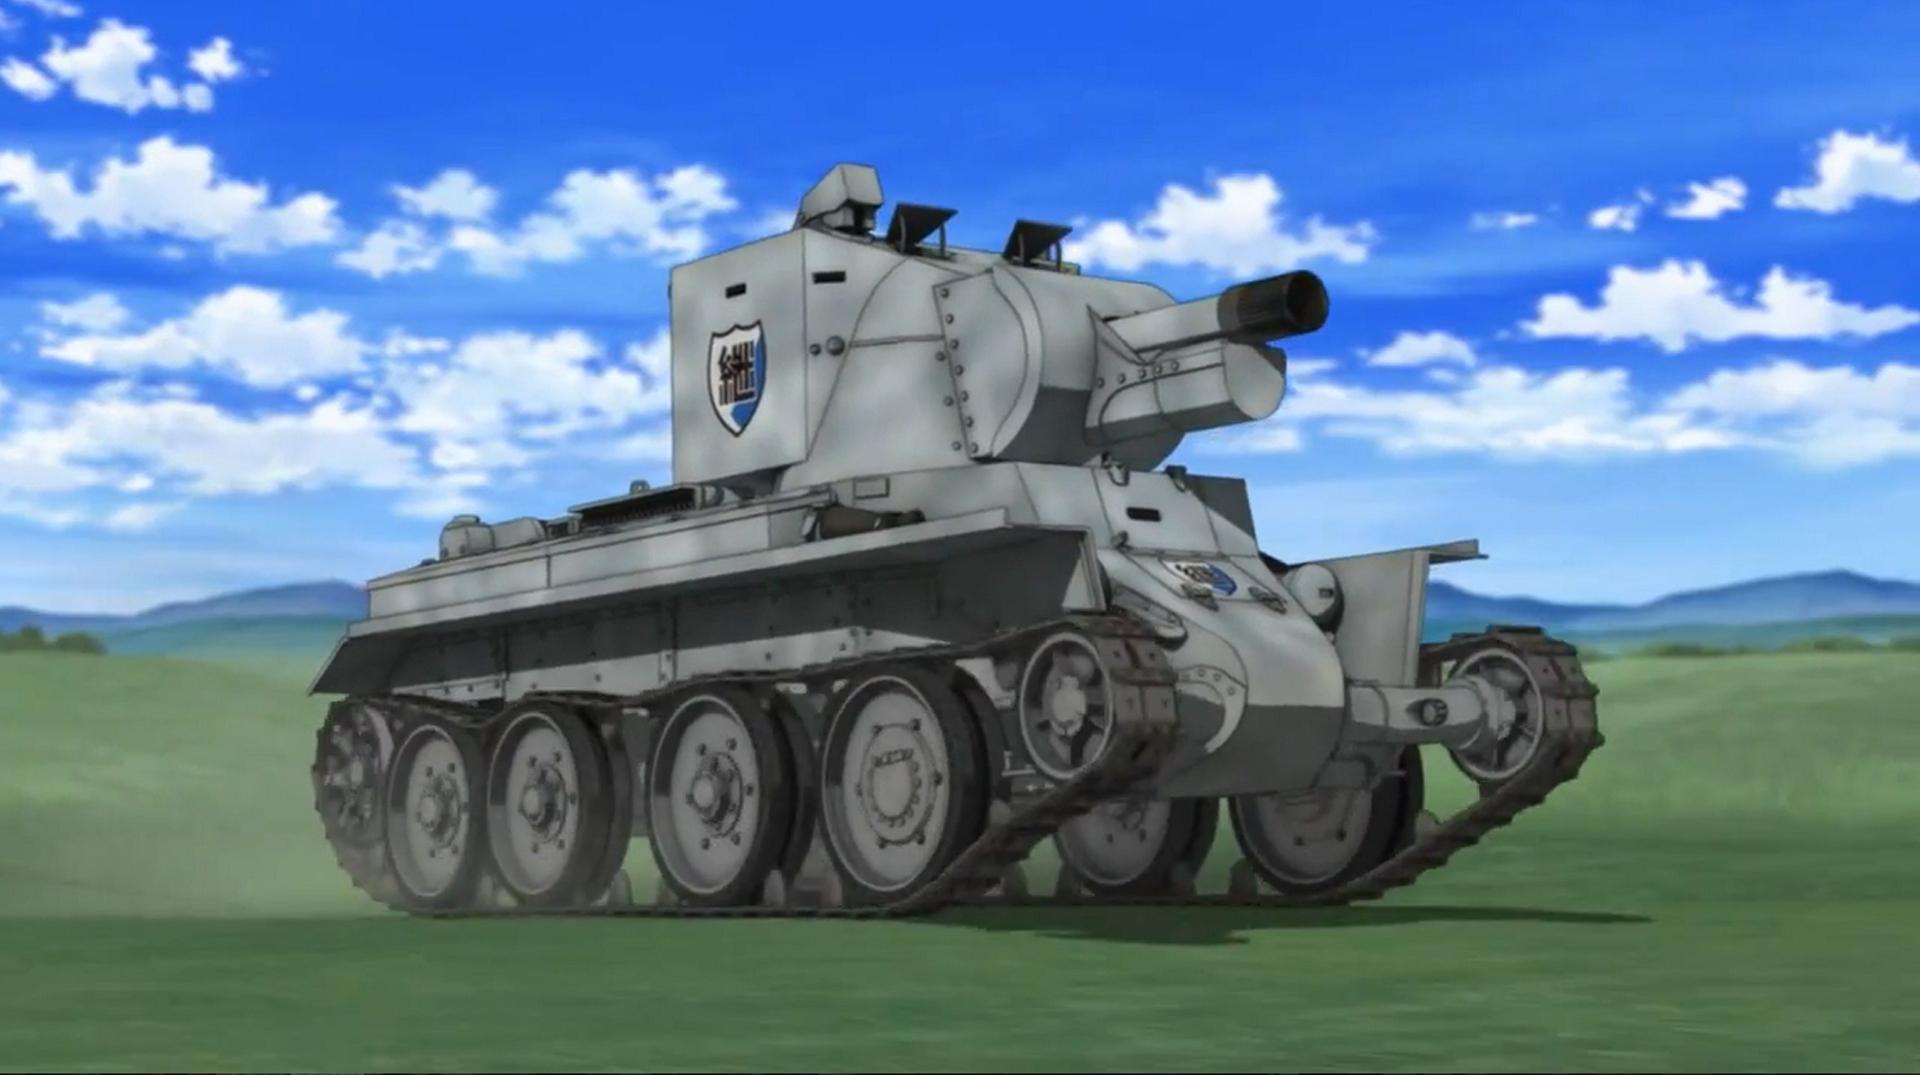 缩水版马桶头,二战芬兰军队中跑得飞快的大脑袋坦克